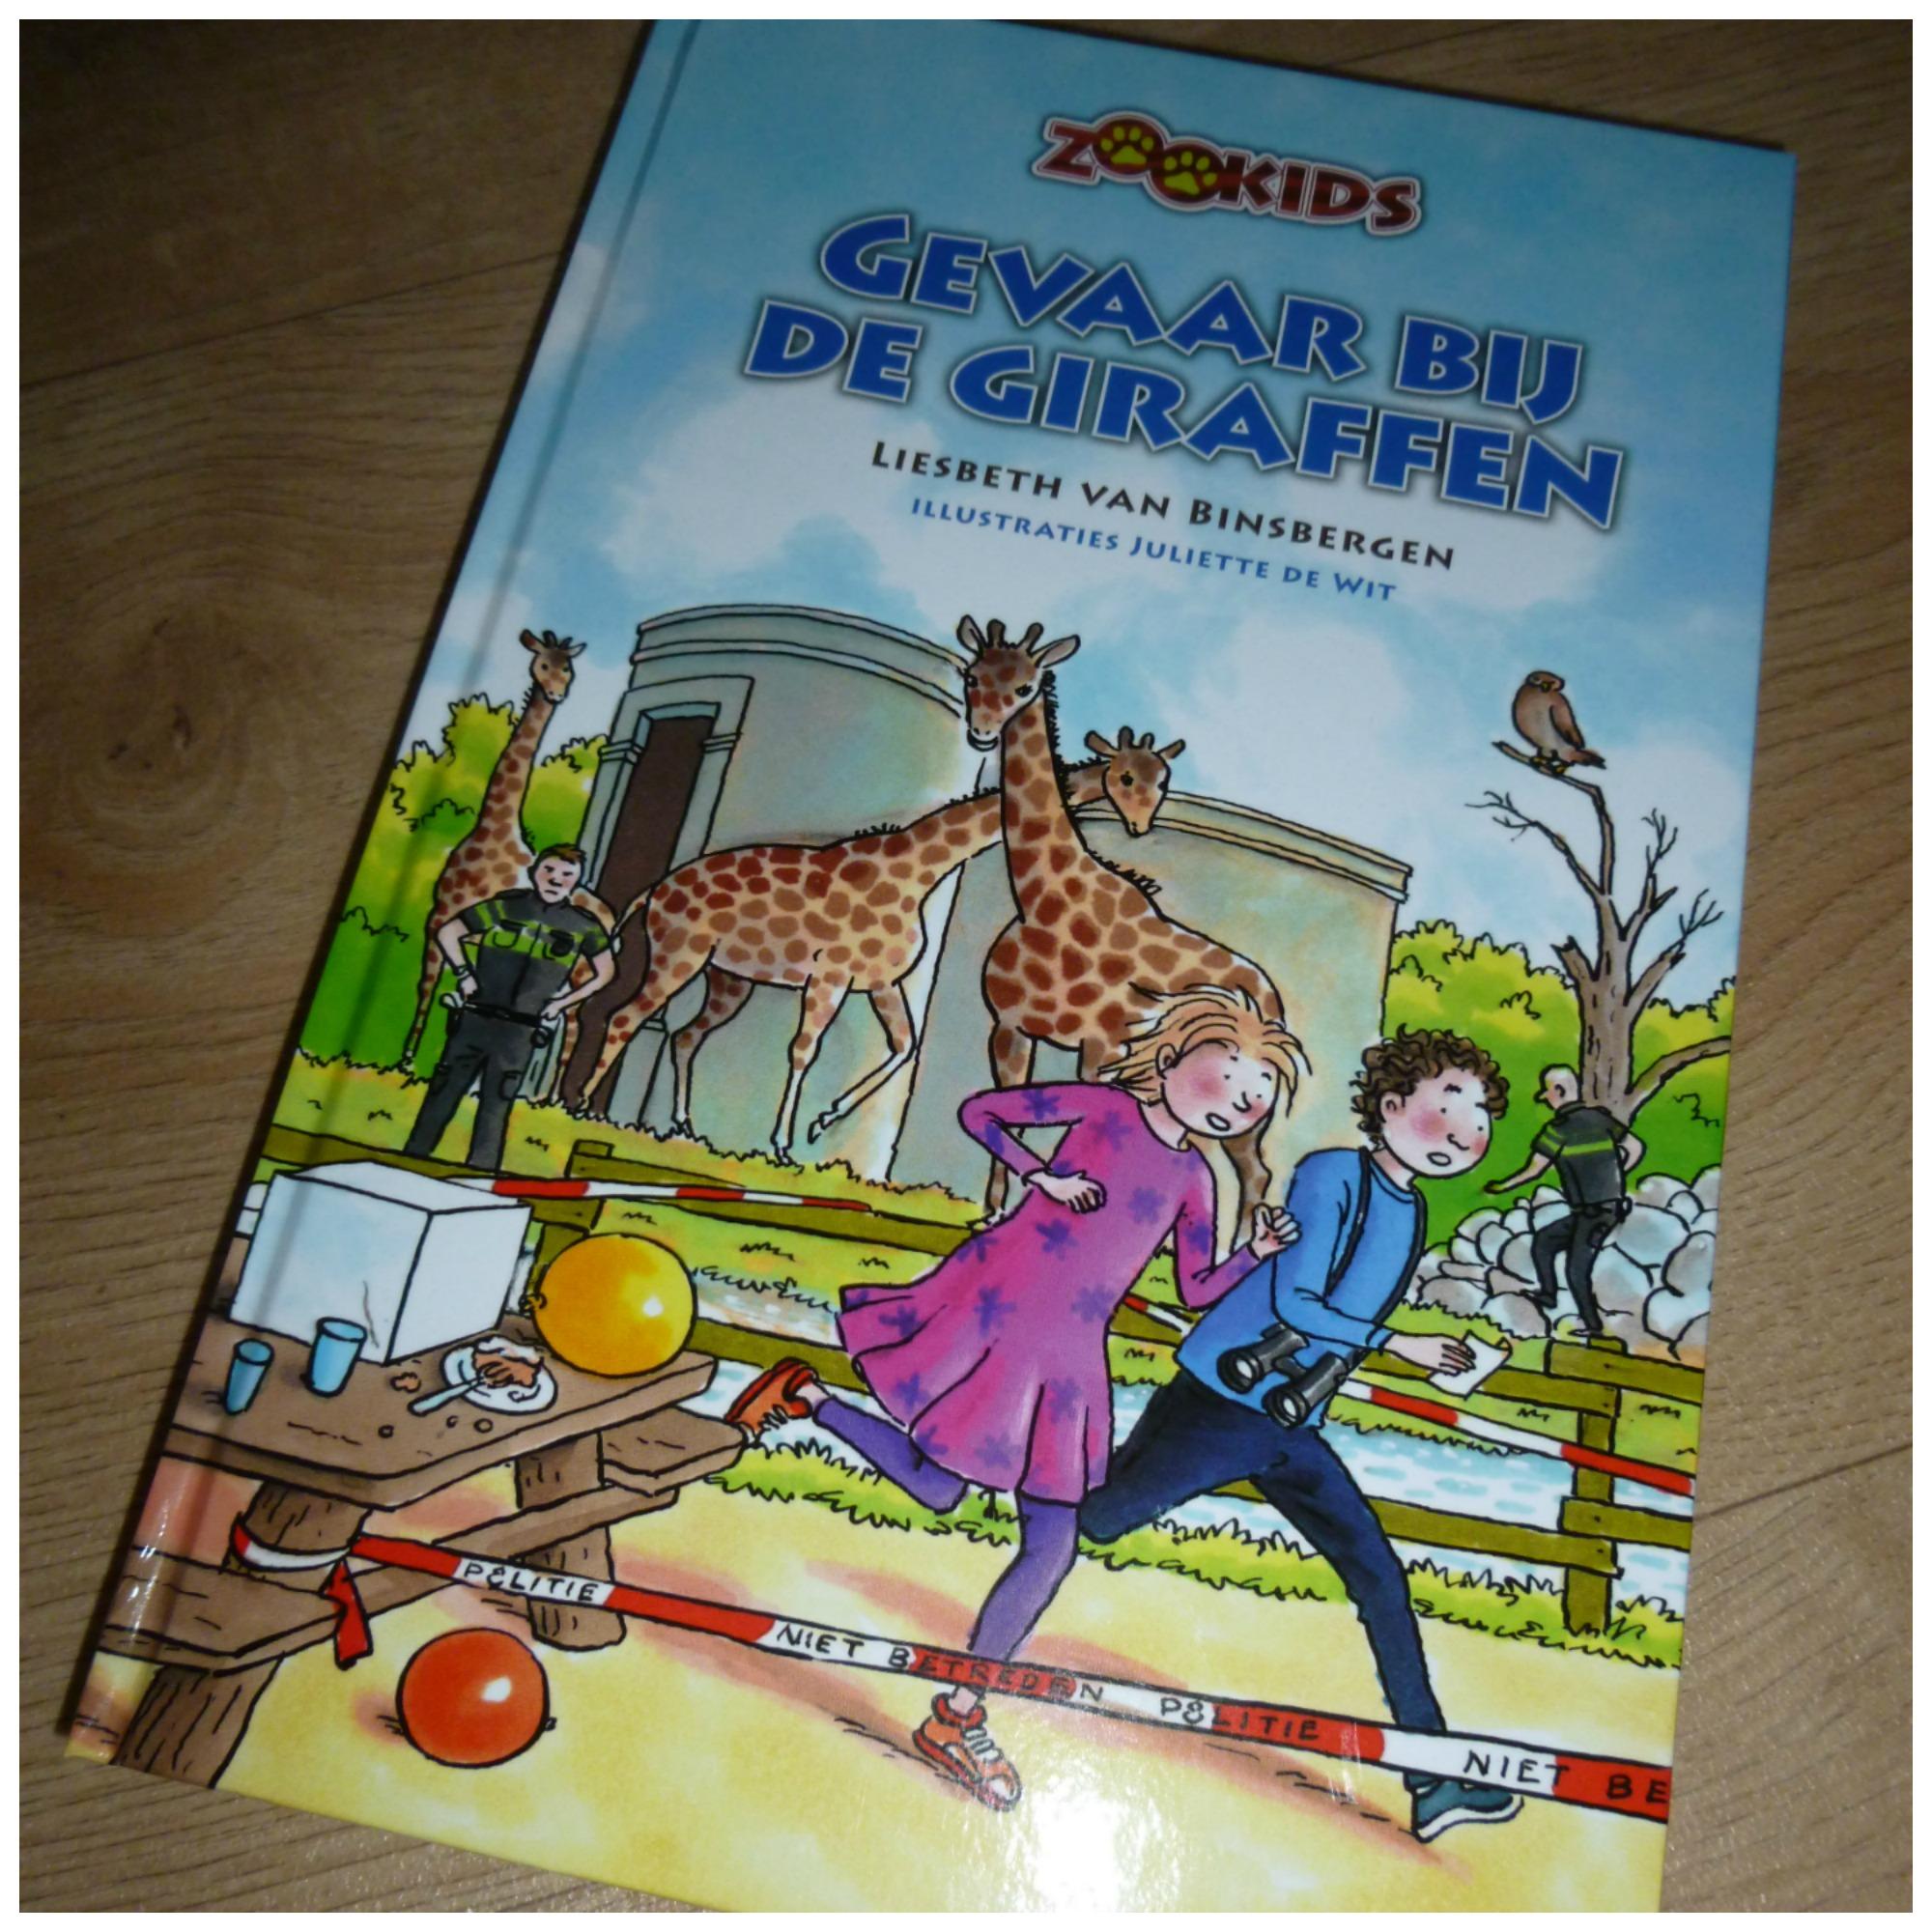 Top Gevaar bij de giraffen [recensie] @BZ71